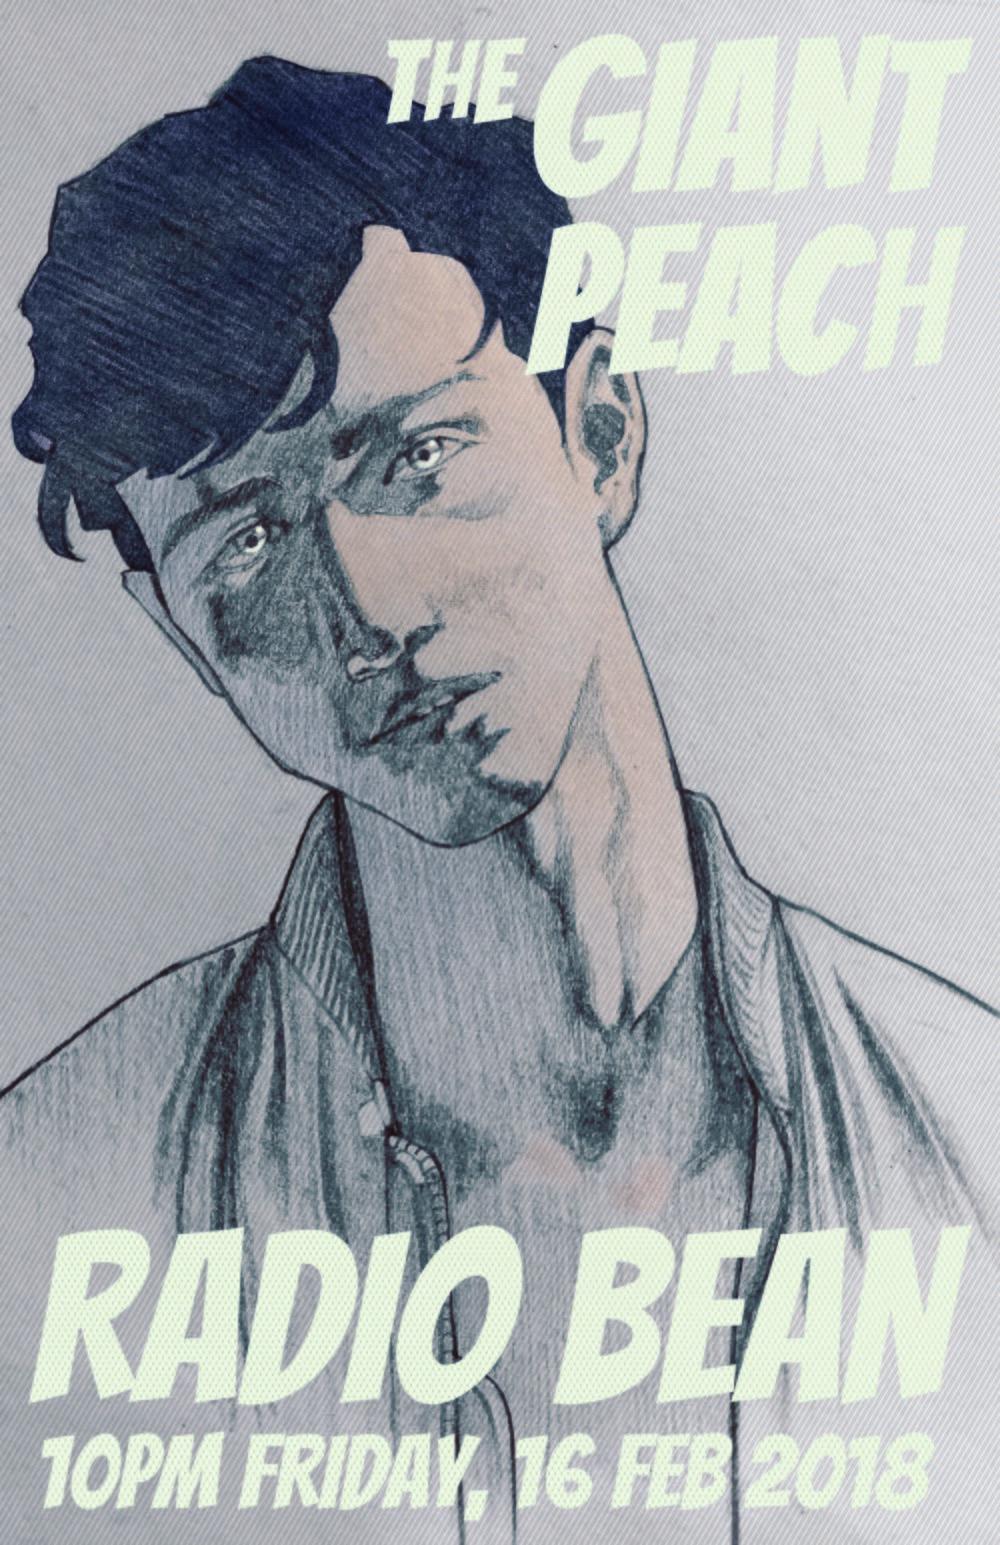 the giant peach @ radio bean 2-16-18 colorless.jpg